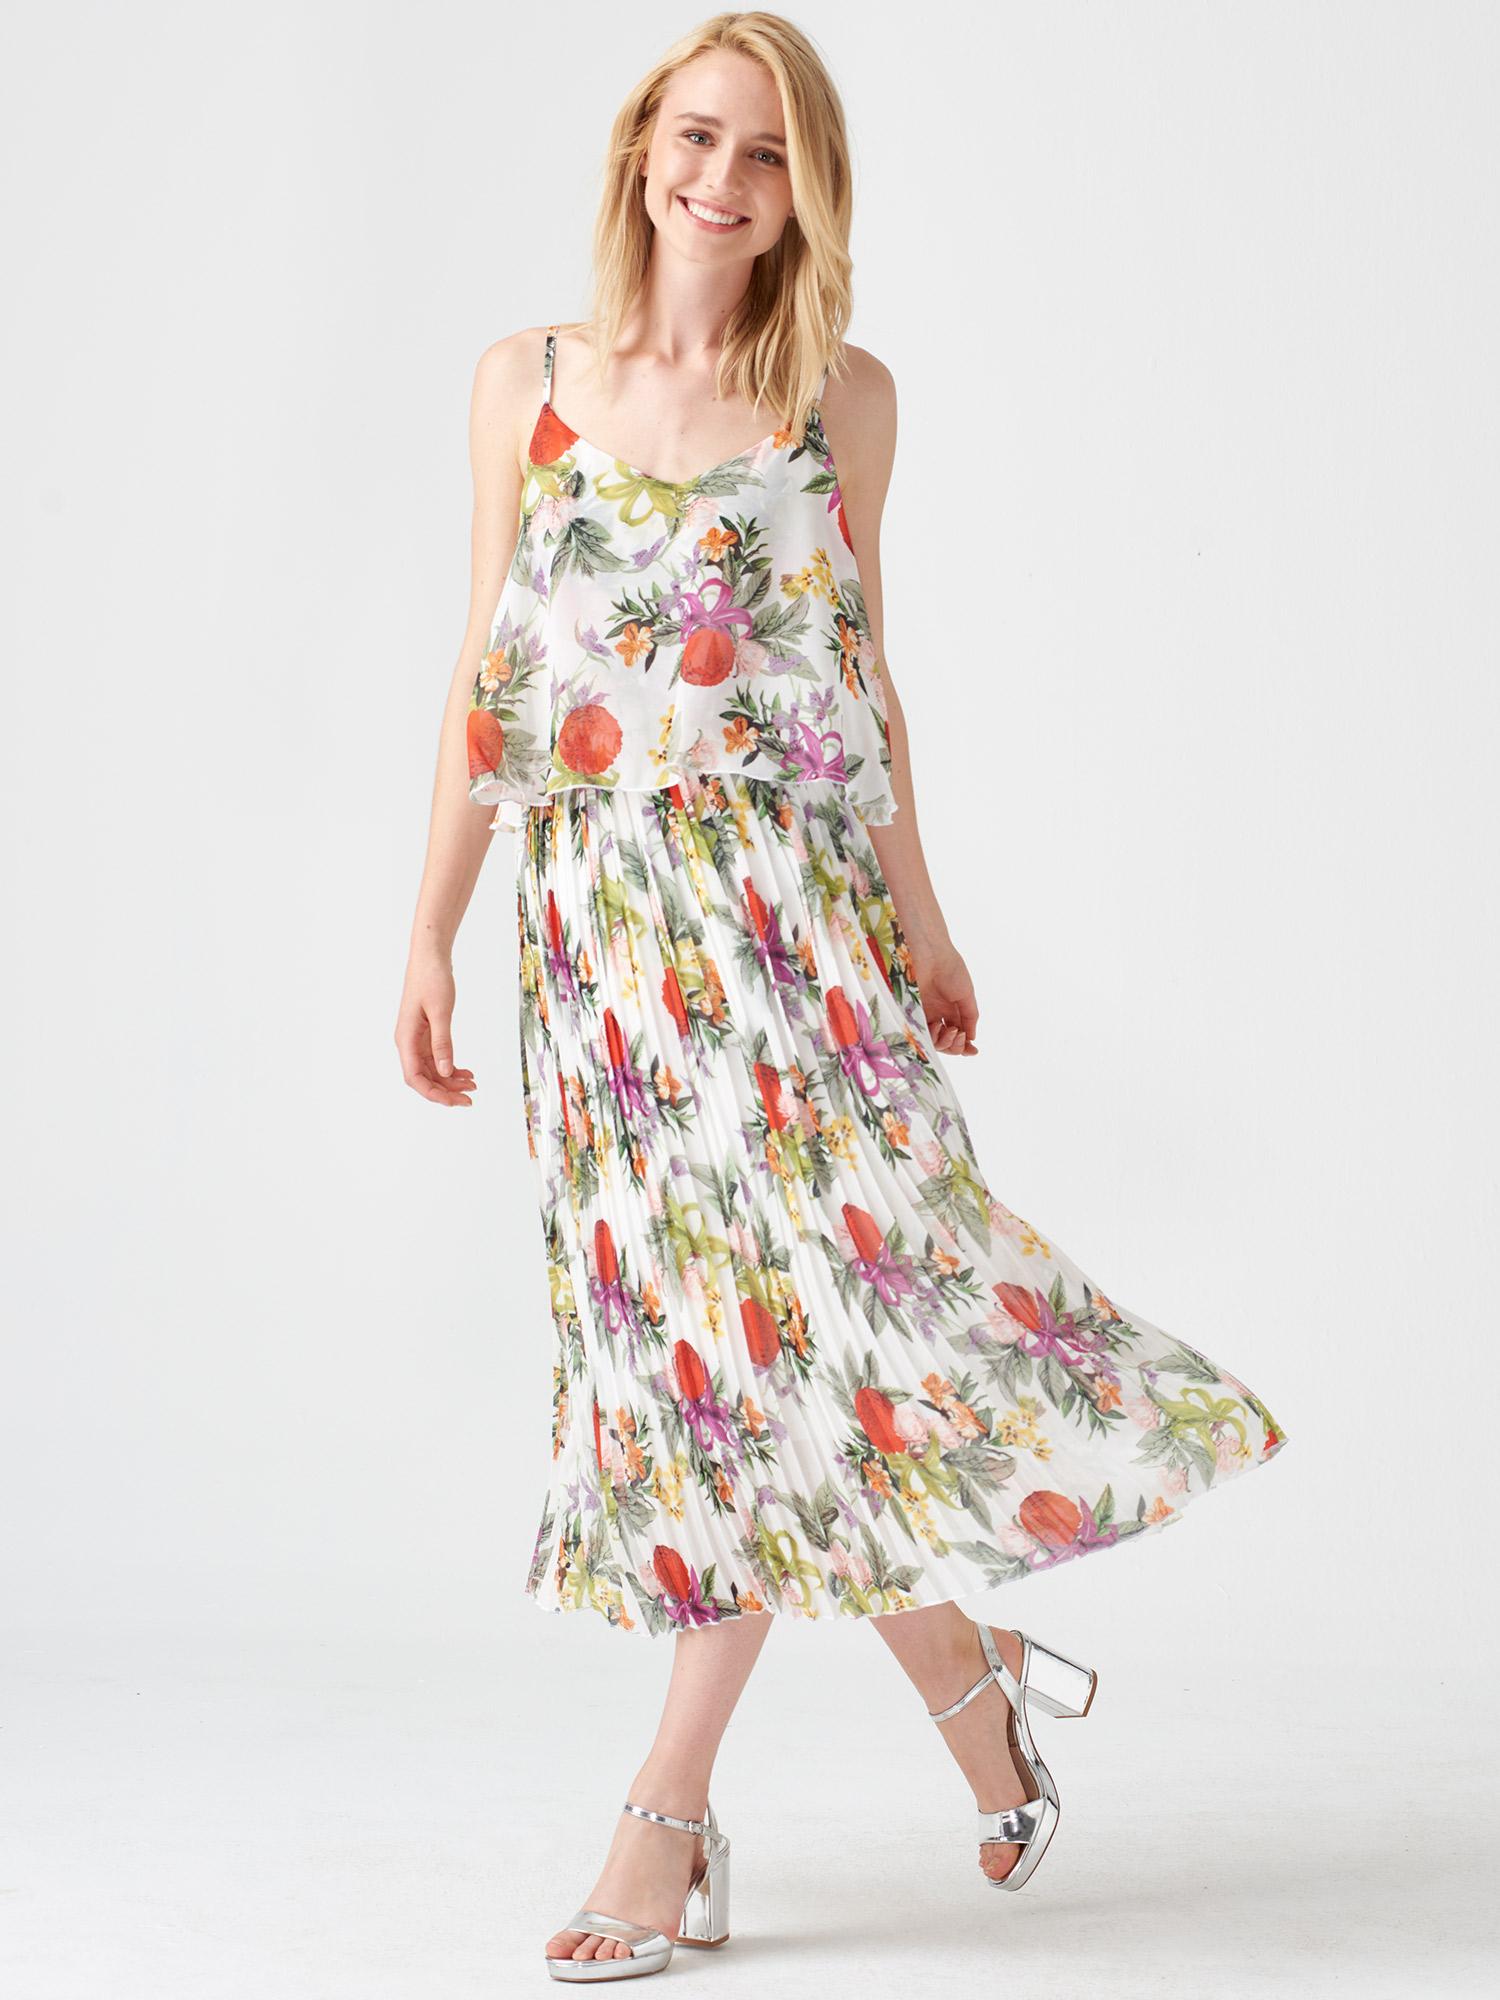 423245638b67d 336 Piliseli Çiçekli Elbise-Multi   ELBİSE   DILVIN